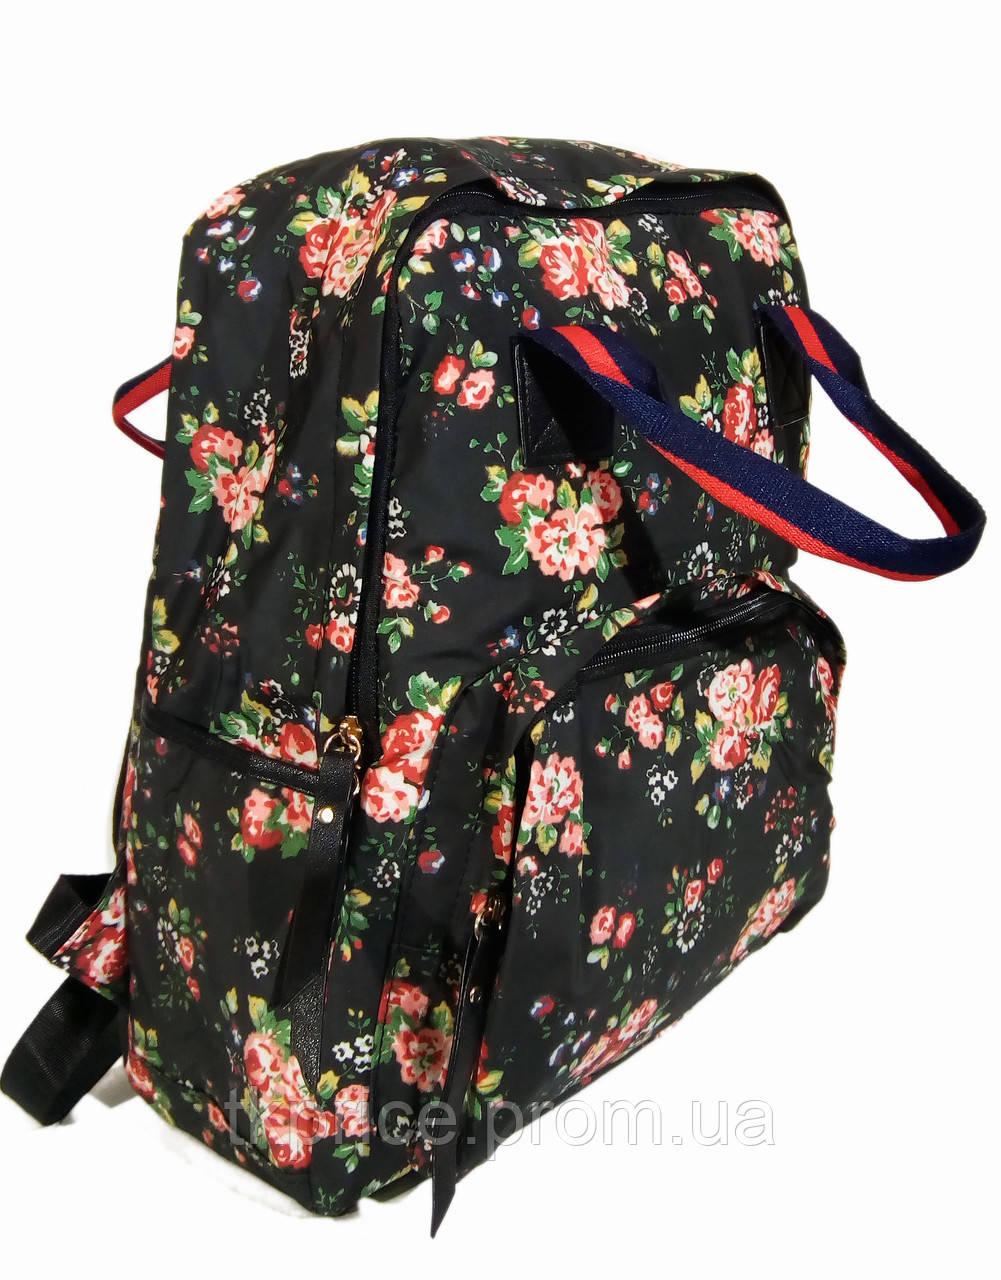 8925bc8bf102 Сумка - рюкзак для школы и прогулок с цветочным принтом черный - Интернет- магазин